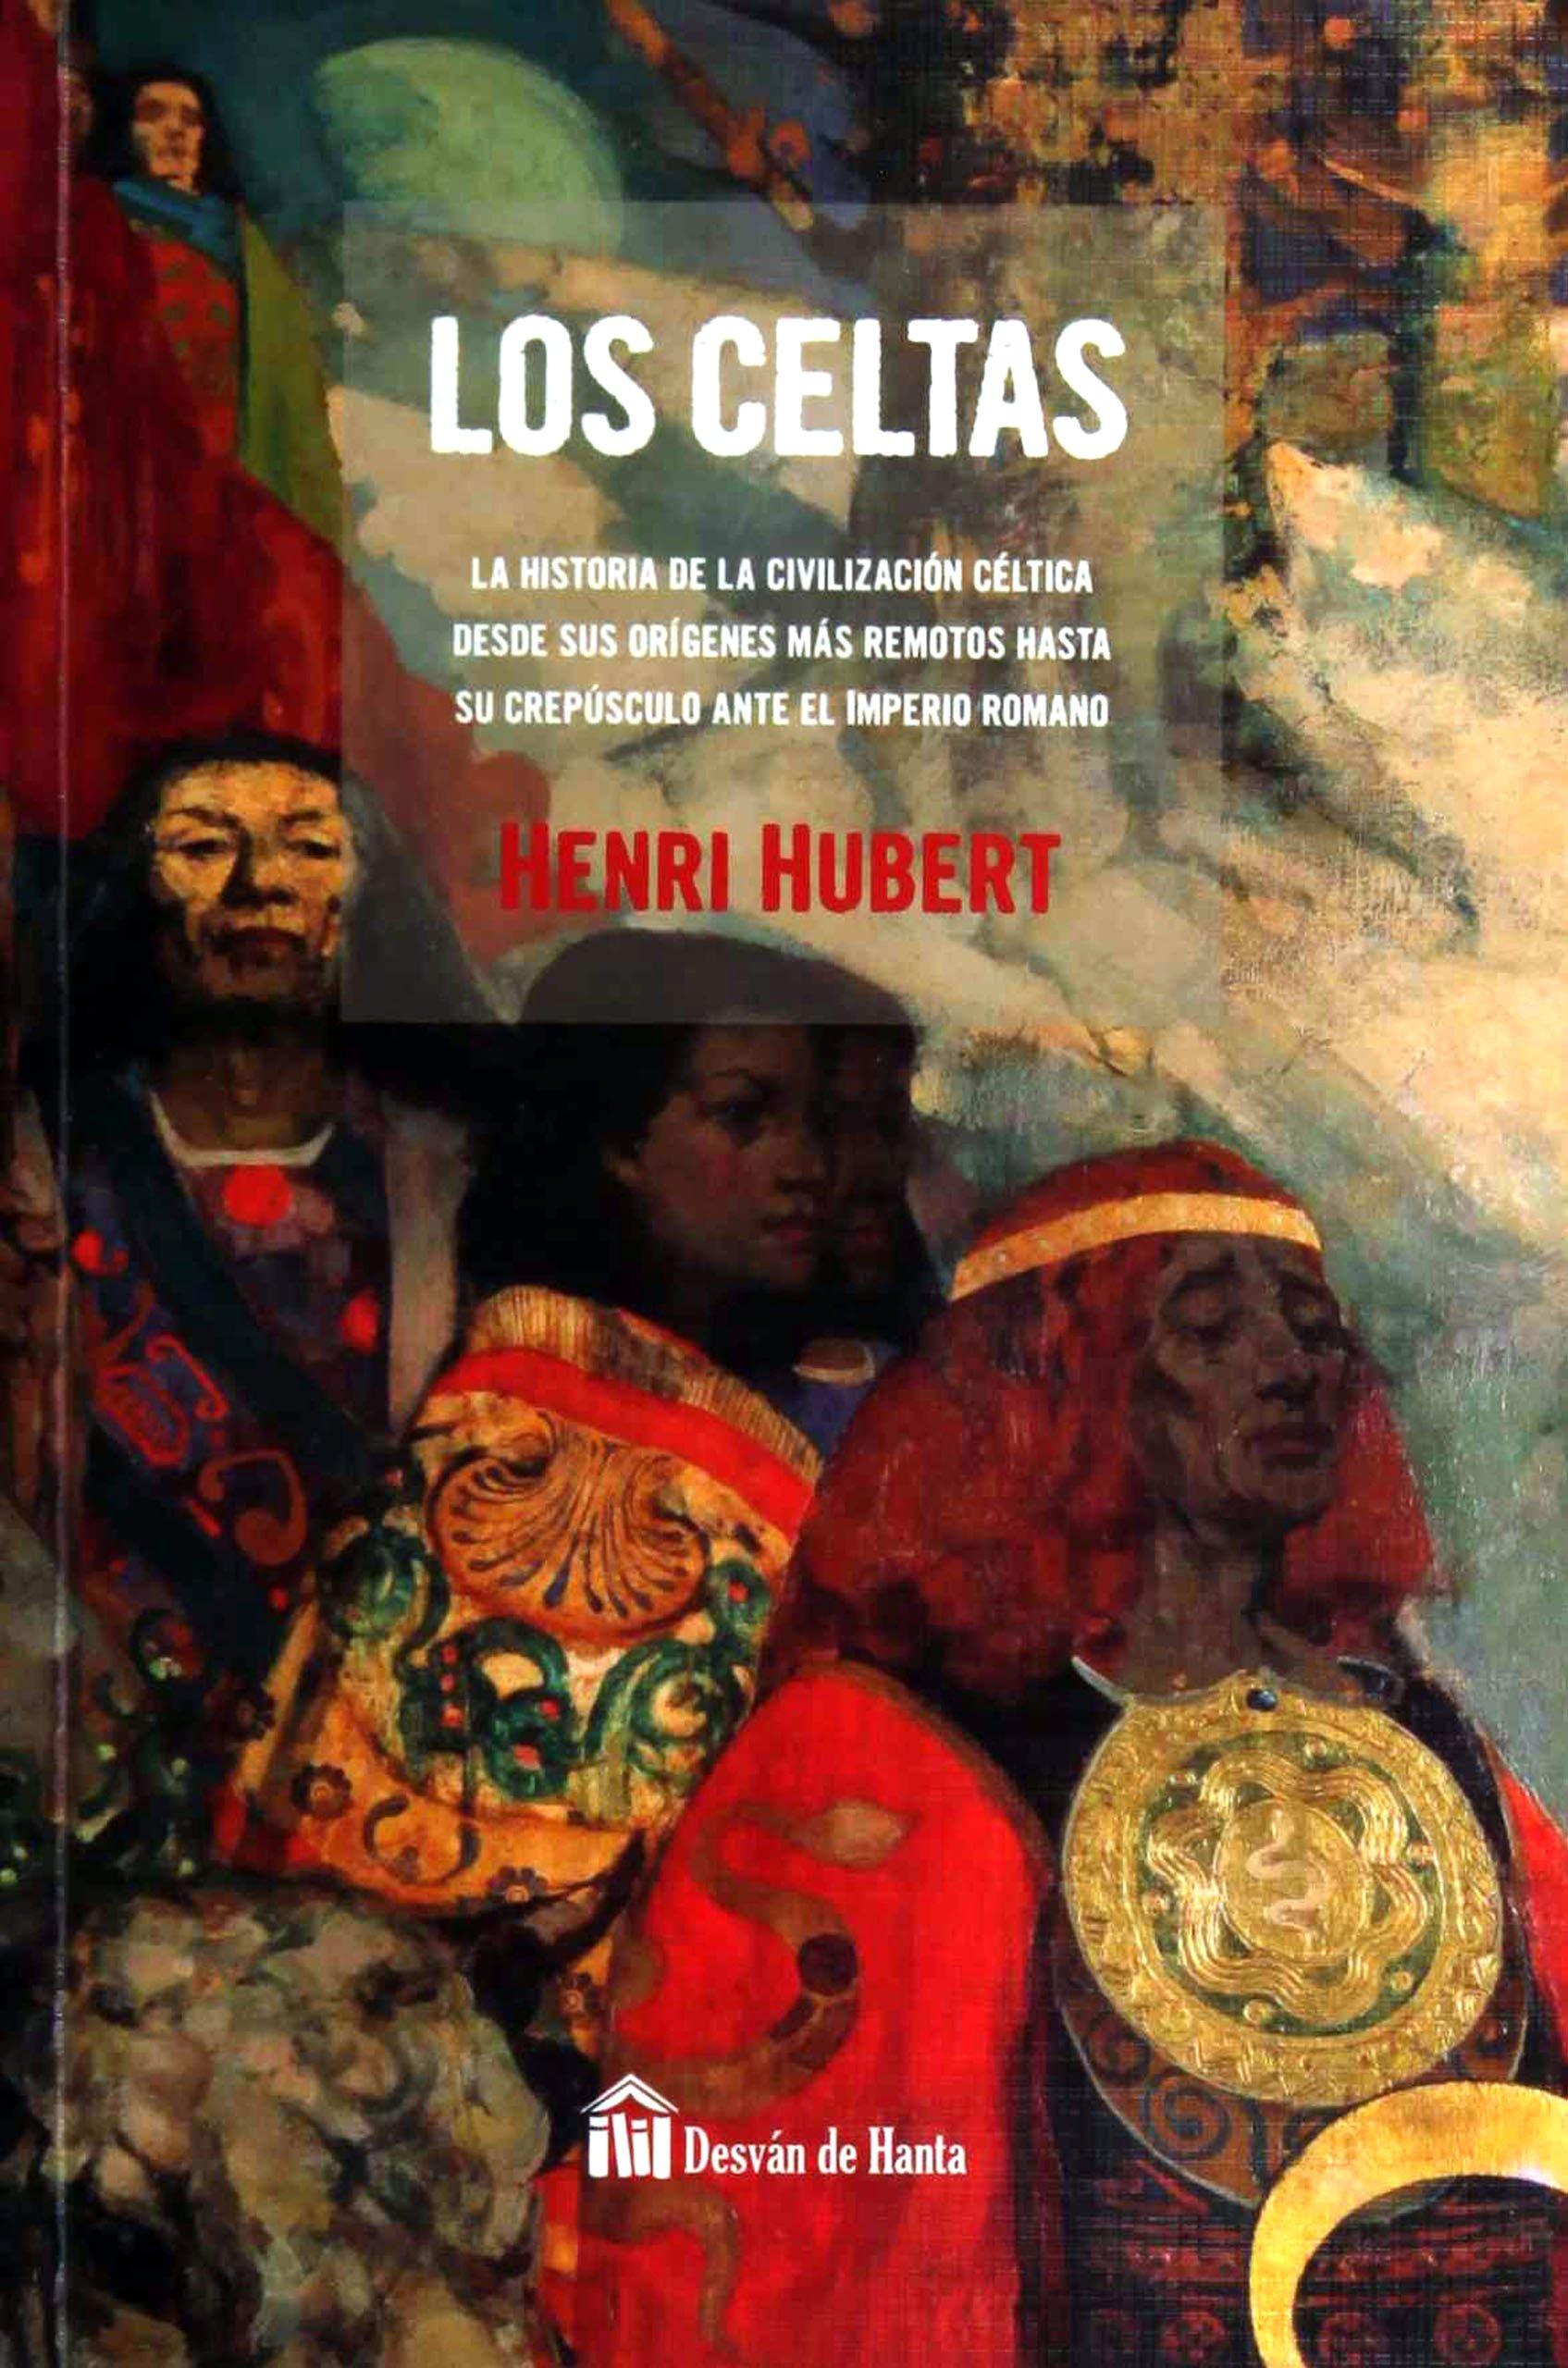 CELTAS,LOS: Amazon.es: HUBERT, HENRI: Libros